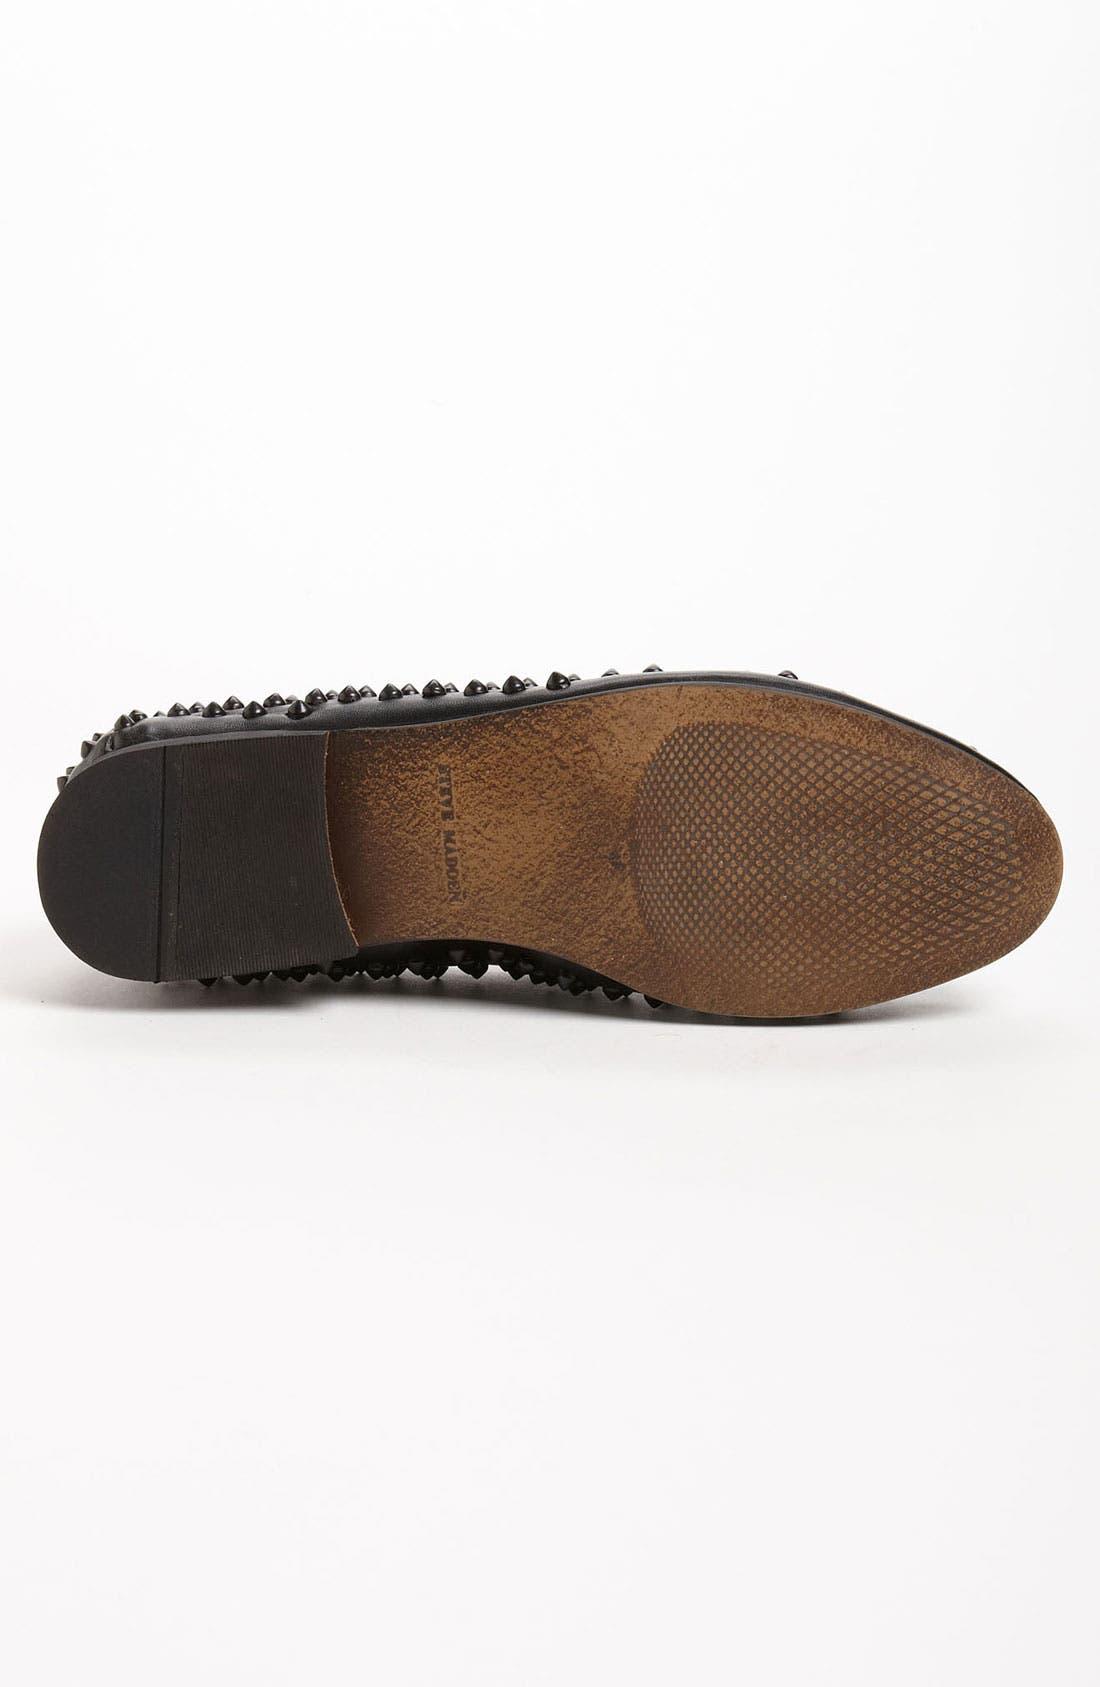 STEVE MADDEN, 'Jagggrr' Studded Loafer, Alternate thumbnail 3, color, 012